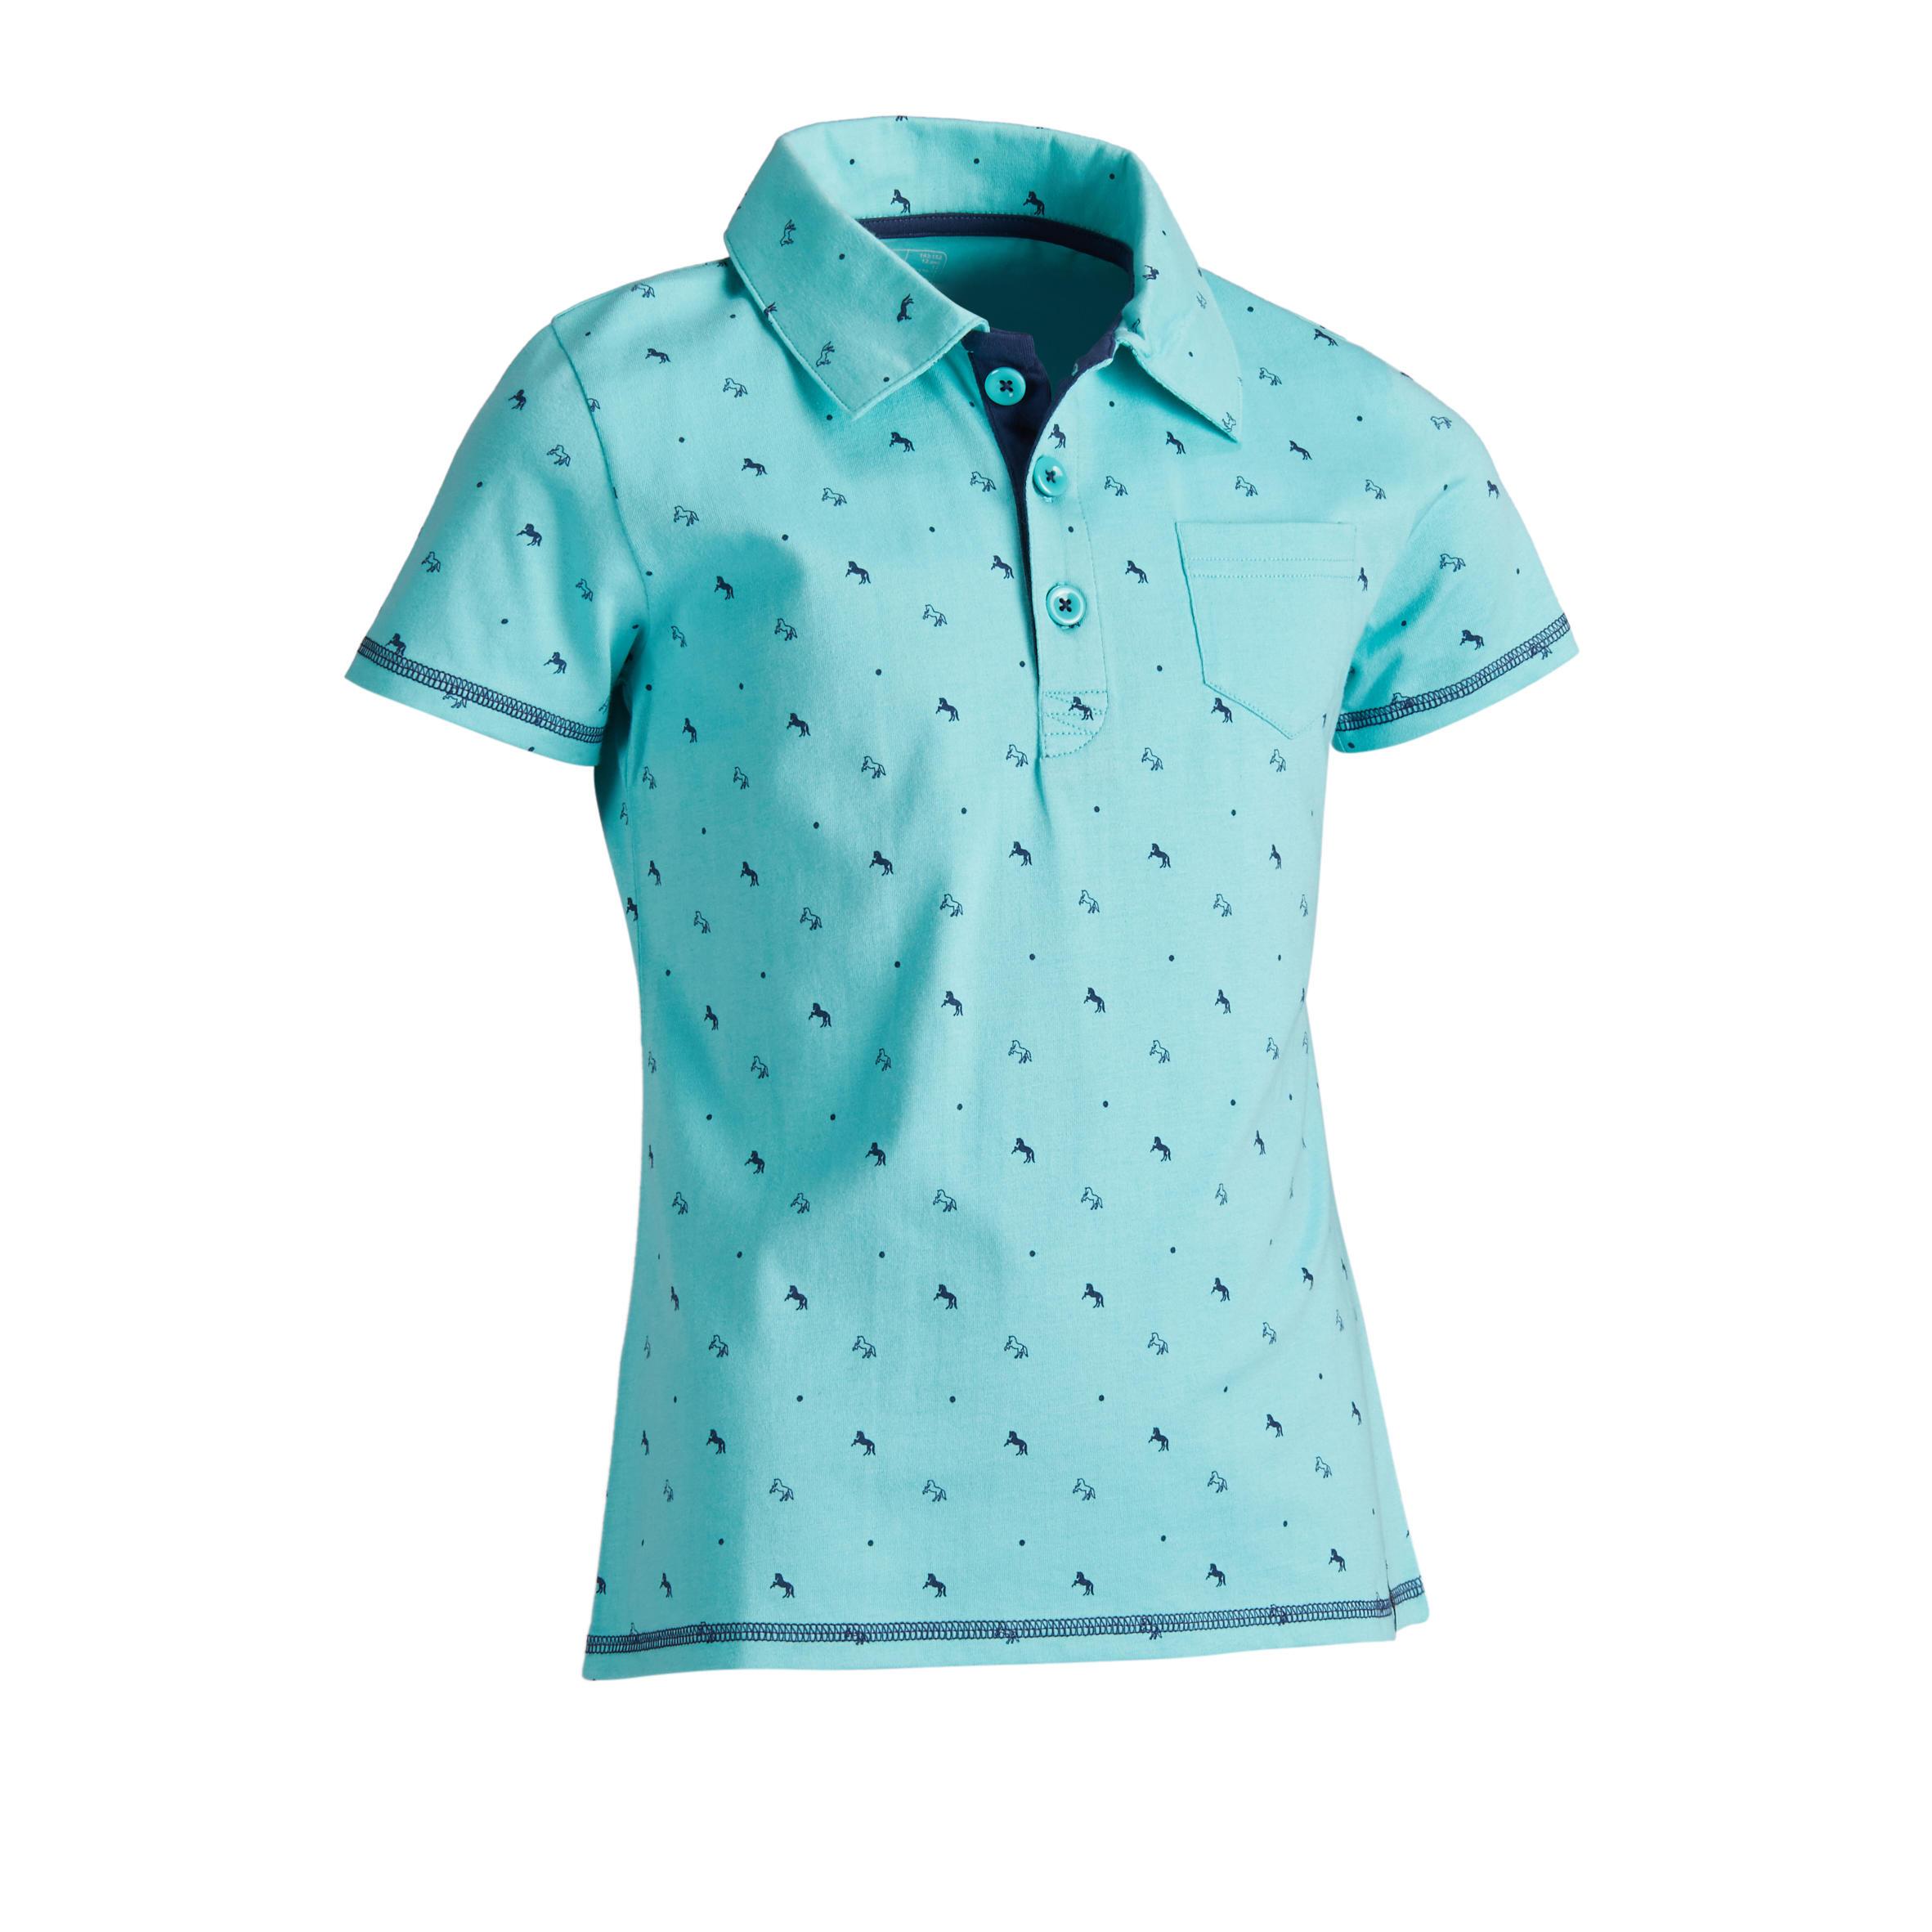 Fouganza Polo 140 met korte mouwen voor meisjes ruitersport turquoise marineblauwe mot.